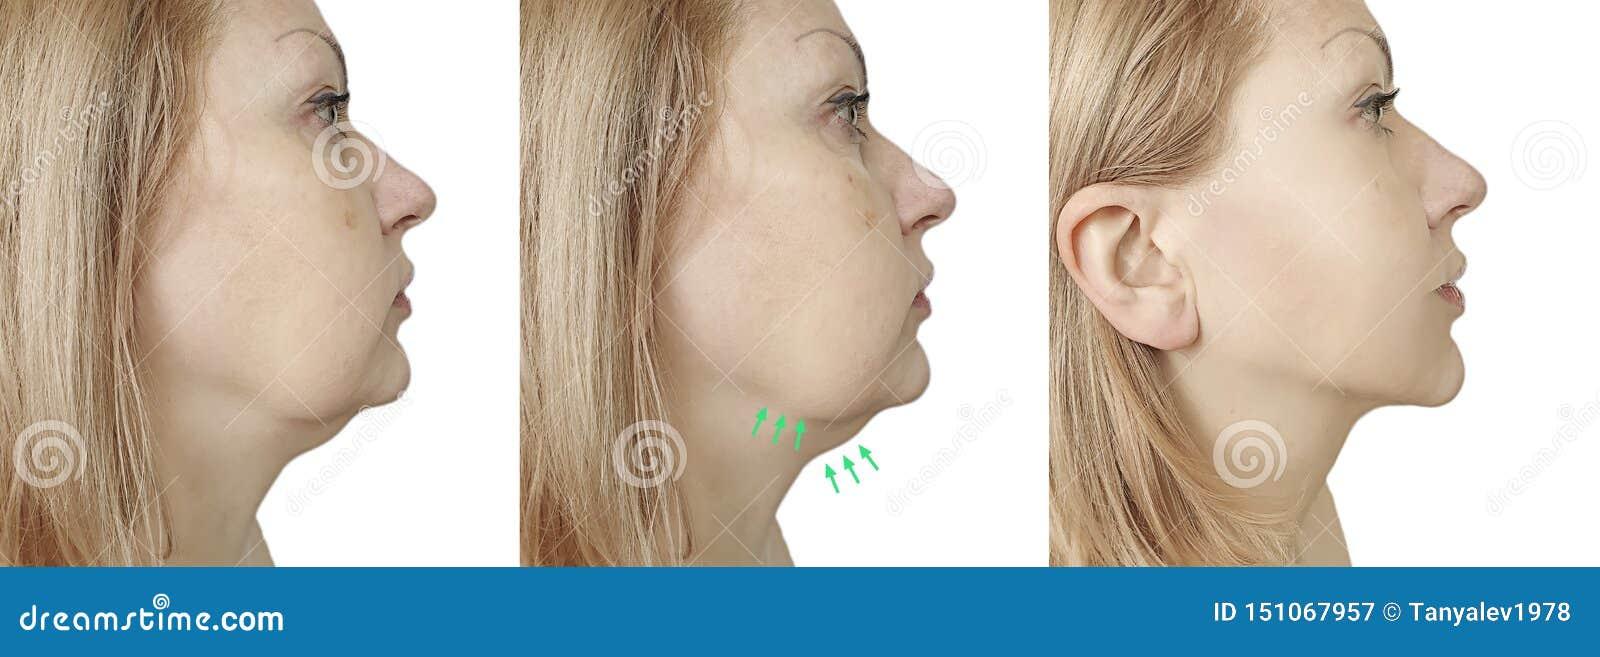 Het verzakkende probleem van de vrouwenonderkin before and after procedurebehandeling